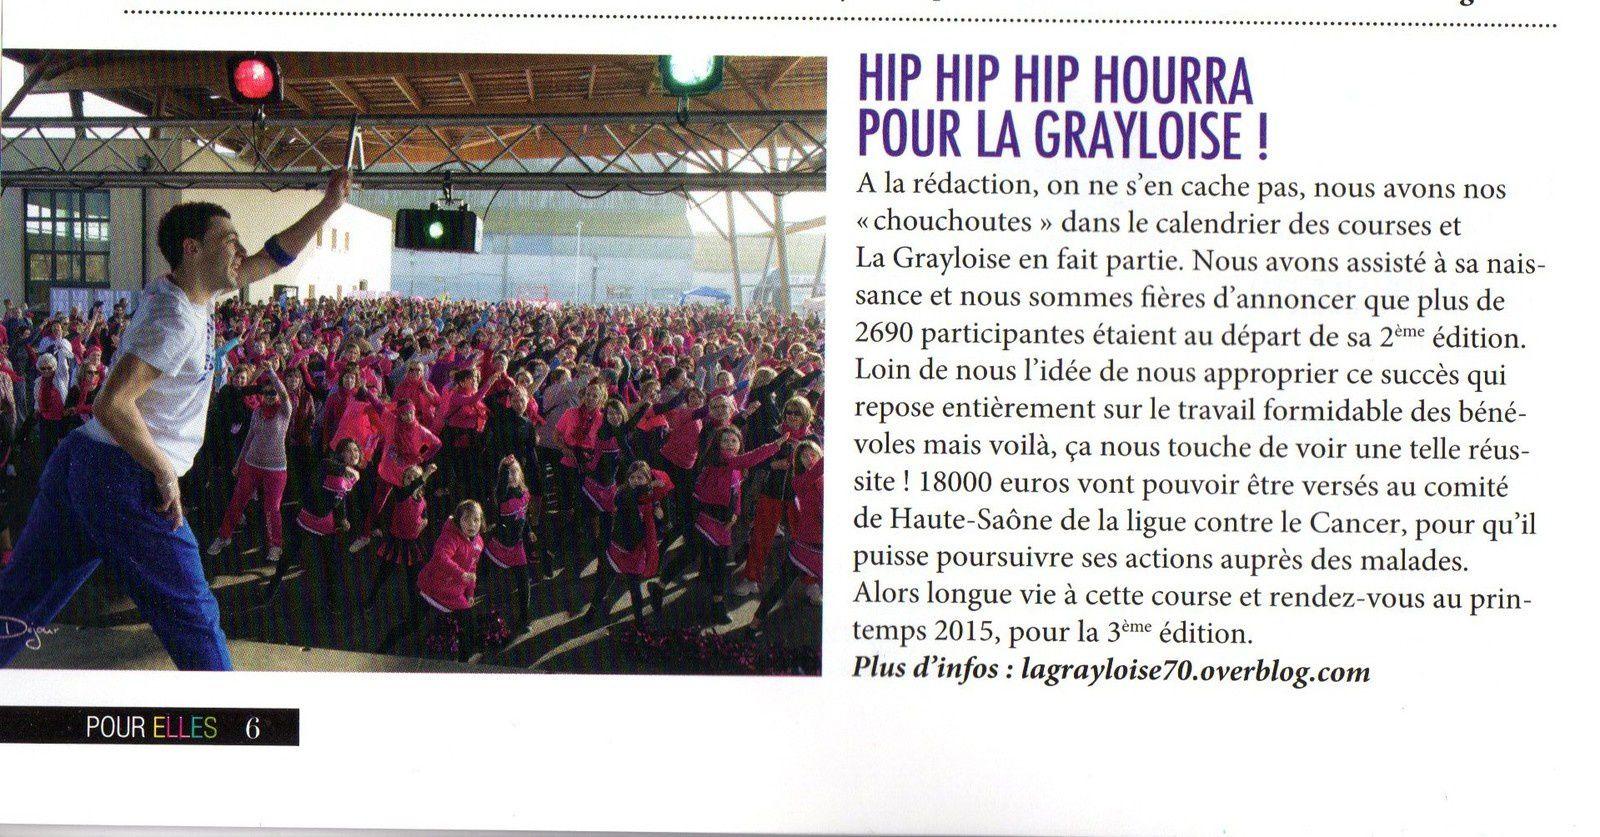 LA GRAYLOISE 2ème édition dans Running Pour ELLES